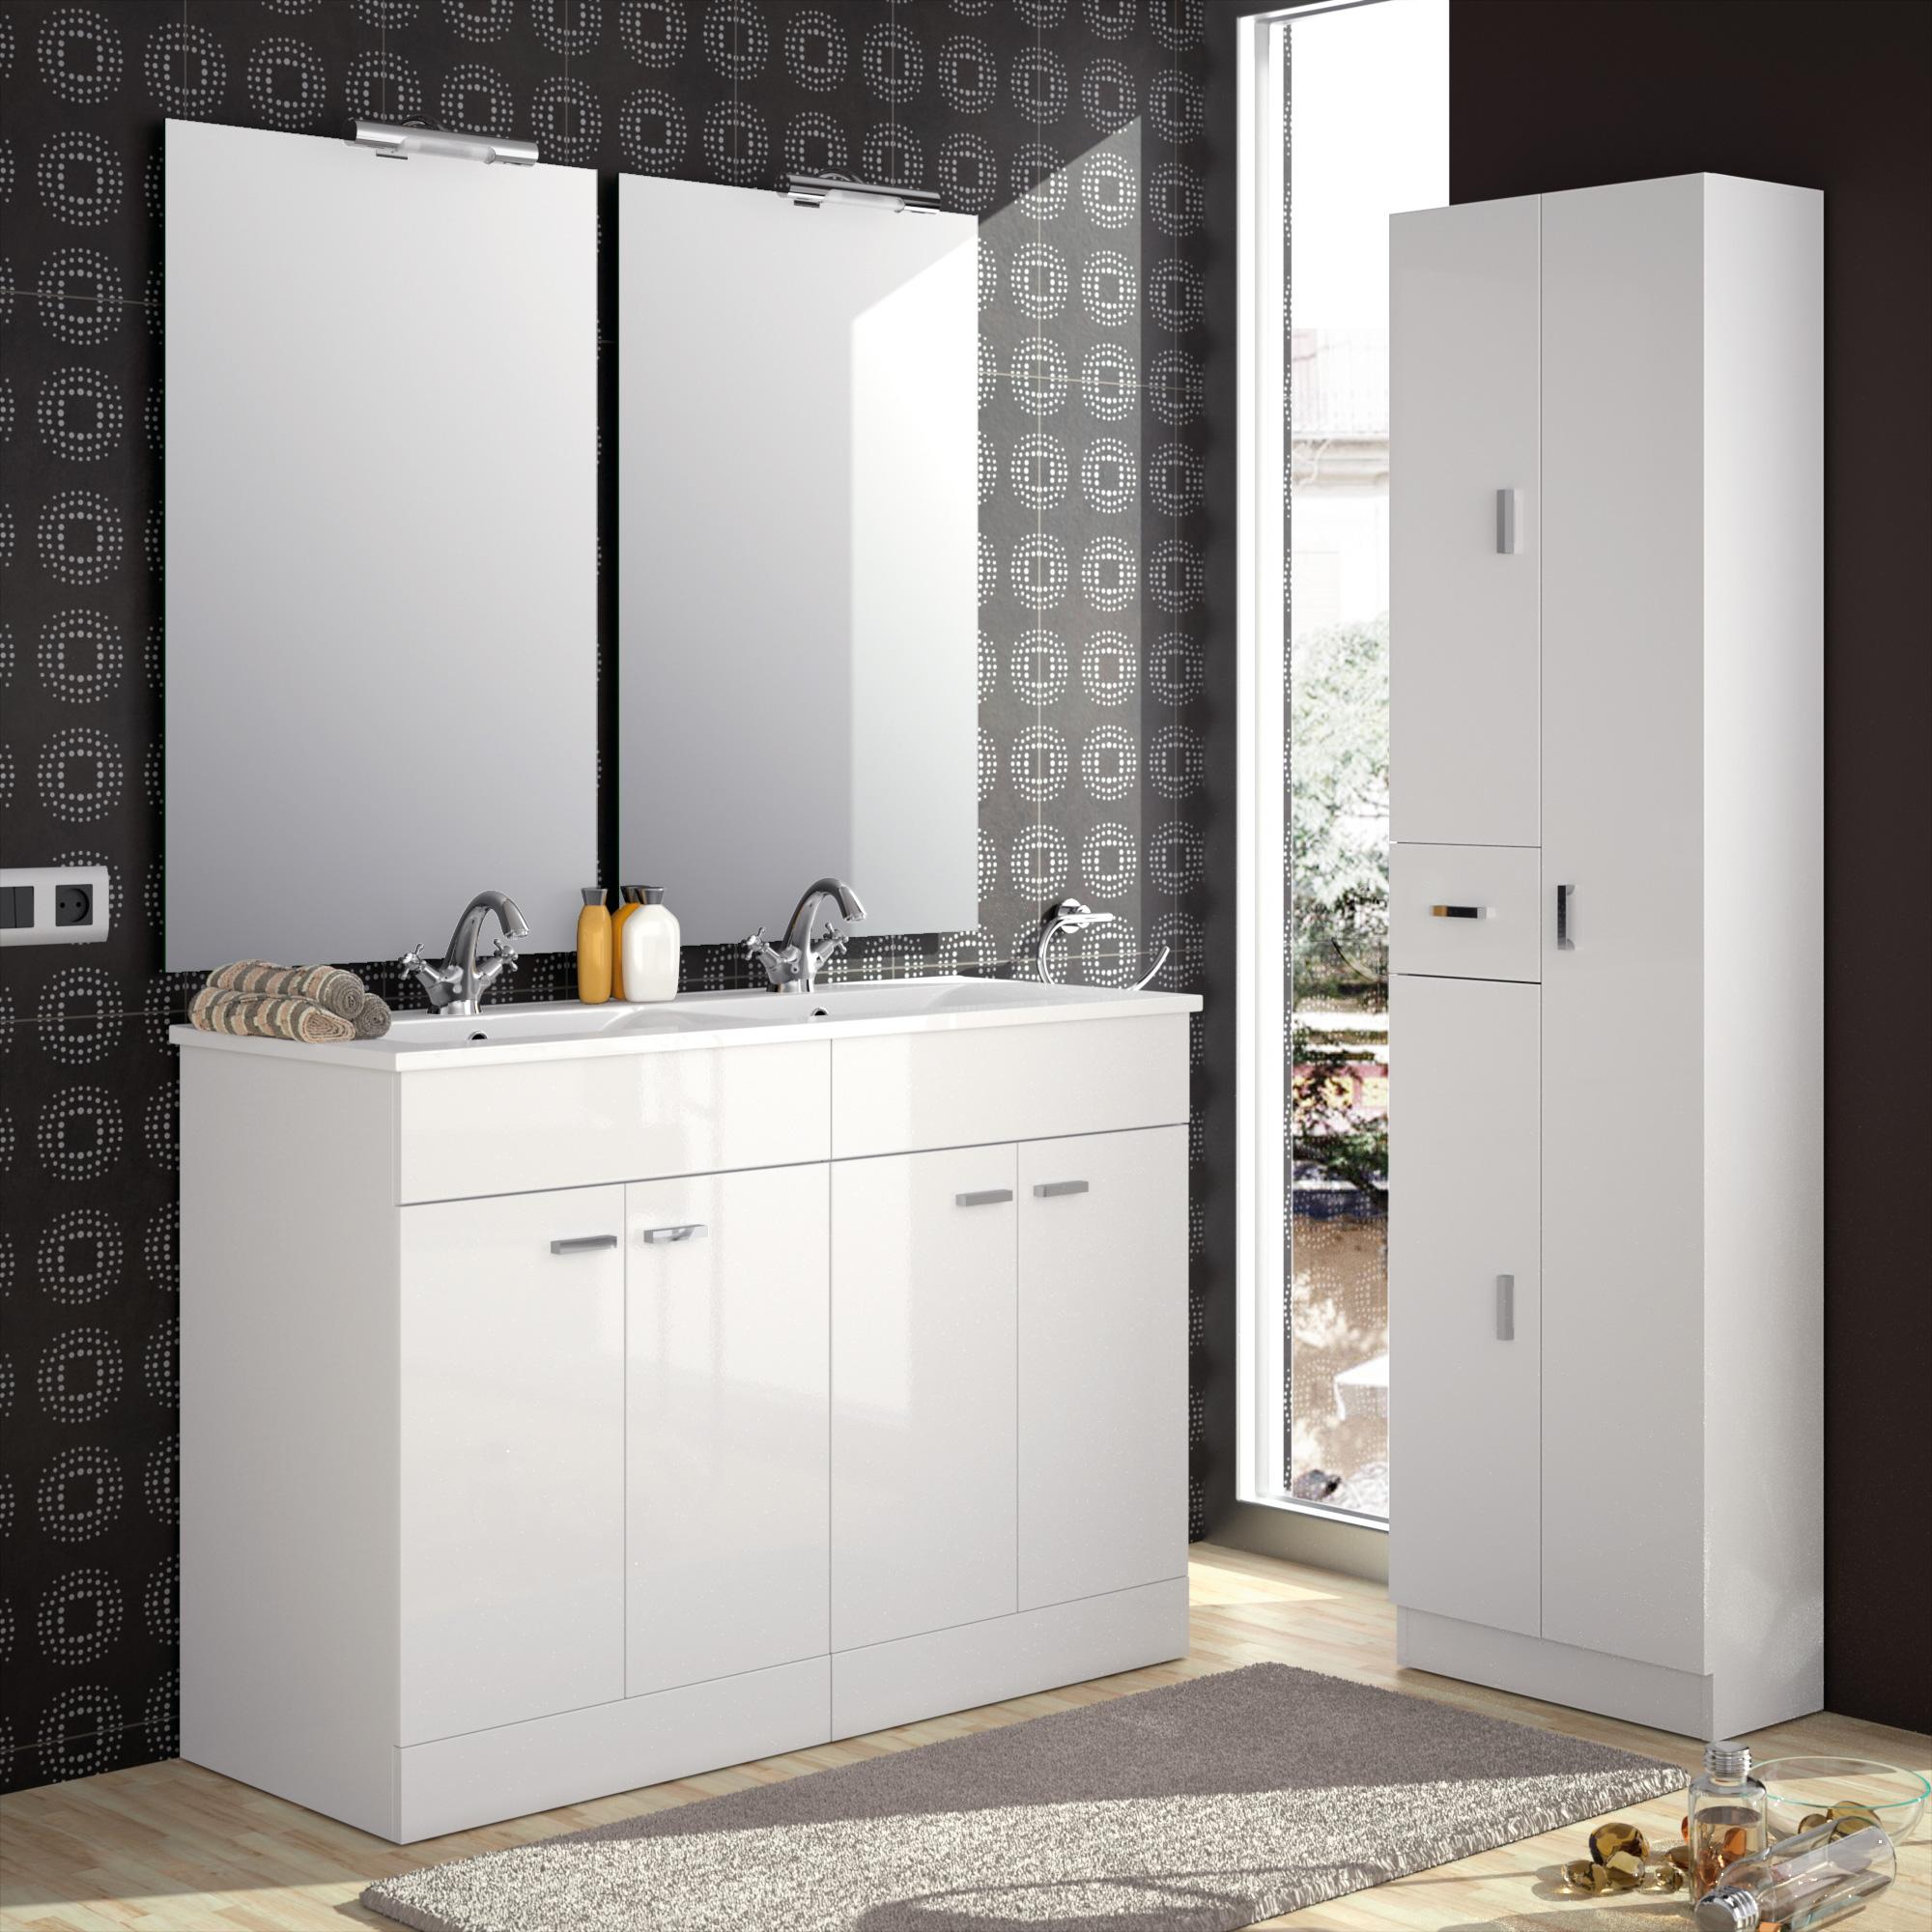 armoire de toilette inox suspendue avec miroir